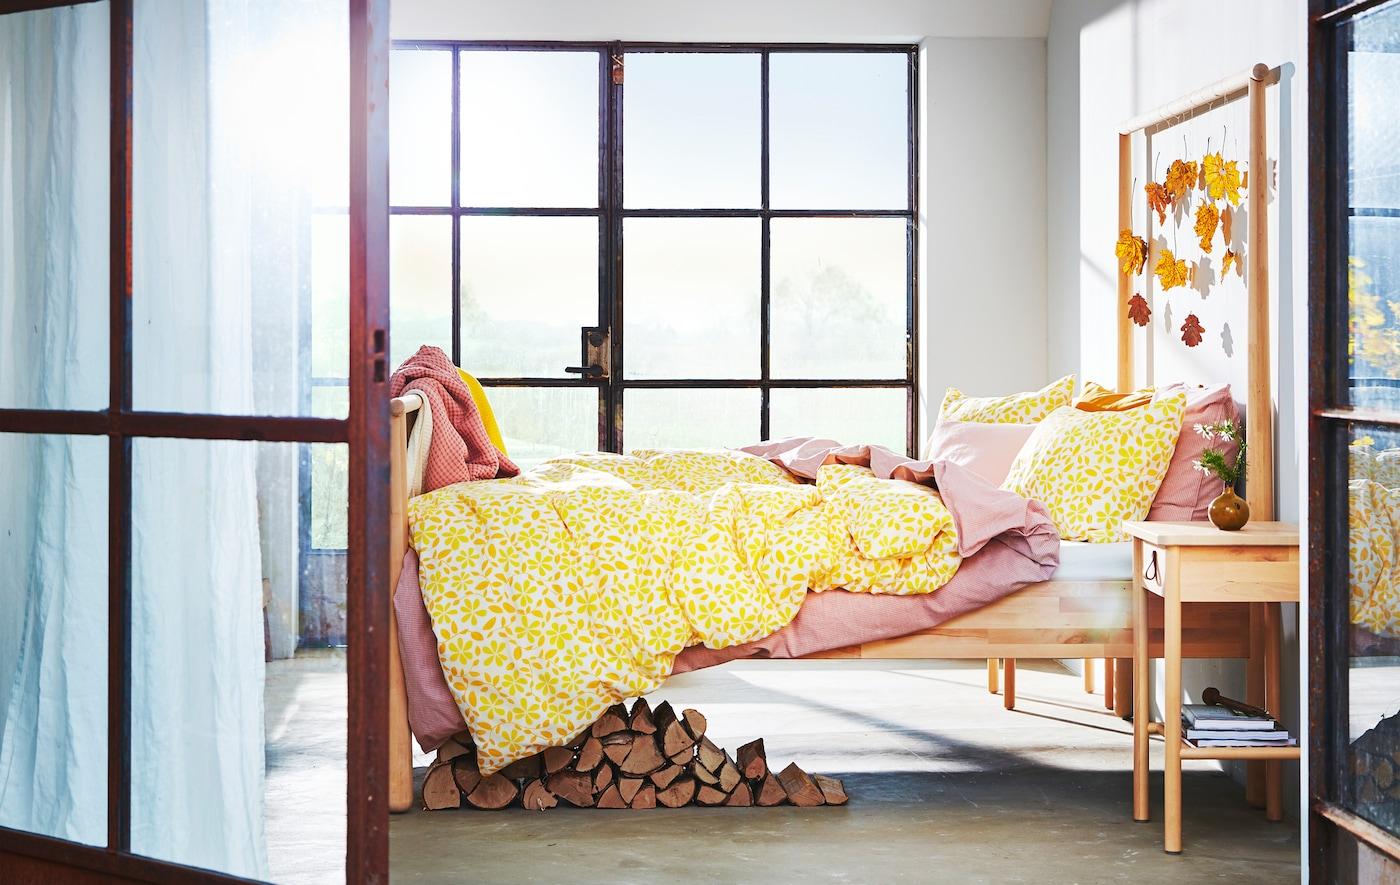 Une chambre à coucher avec de grandes fenêtres, des feuilles suspendues à un cadre de lit en bois et du linge de lit jaune et rose.